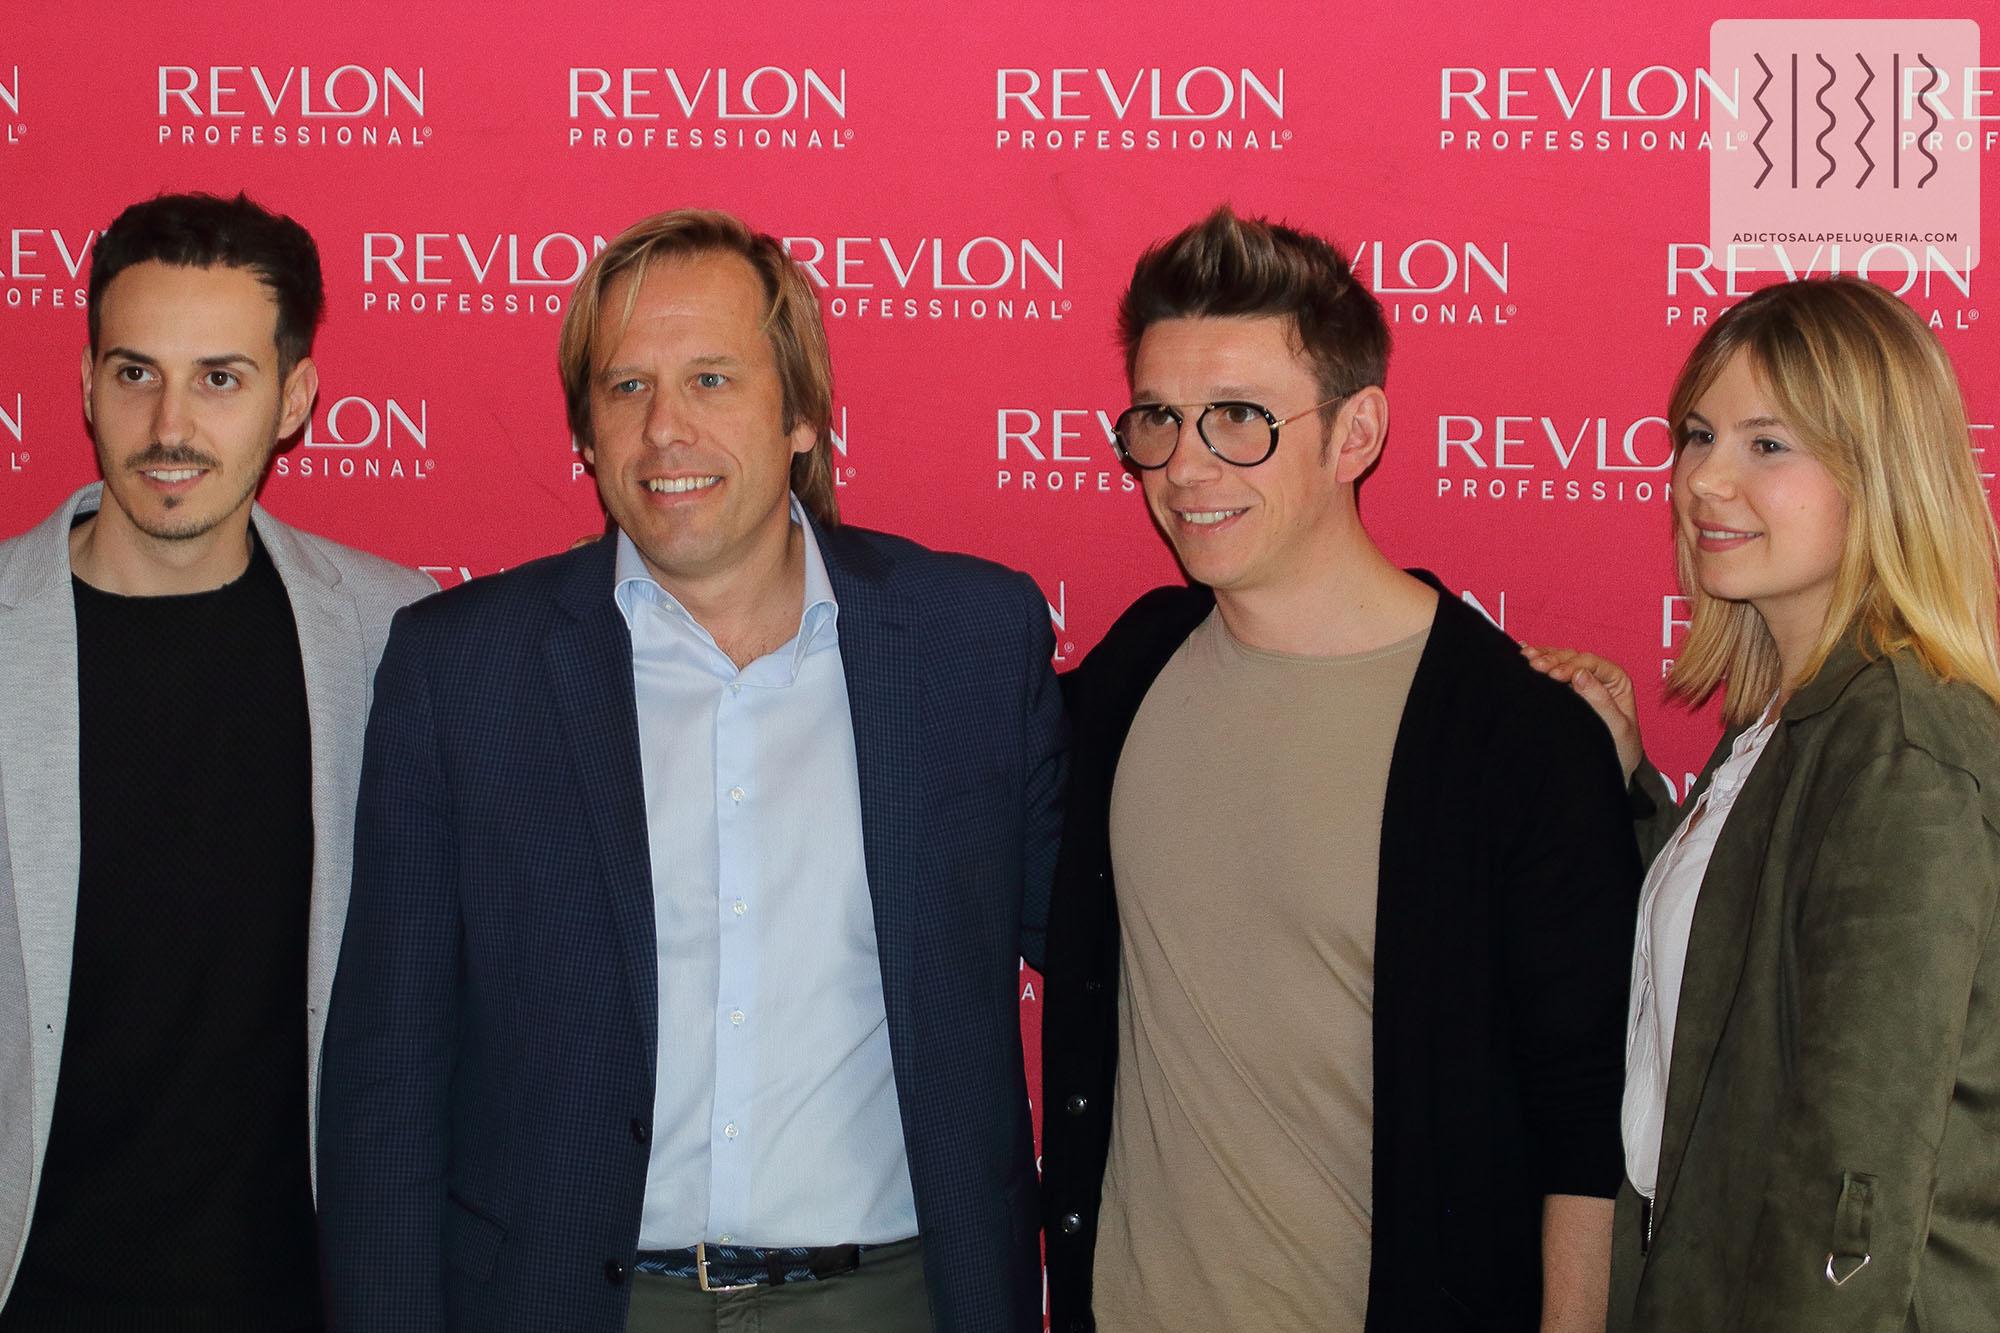 Equipo de Salones Carlos Valiente con Charles Waters de Revlon Professional